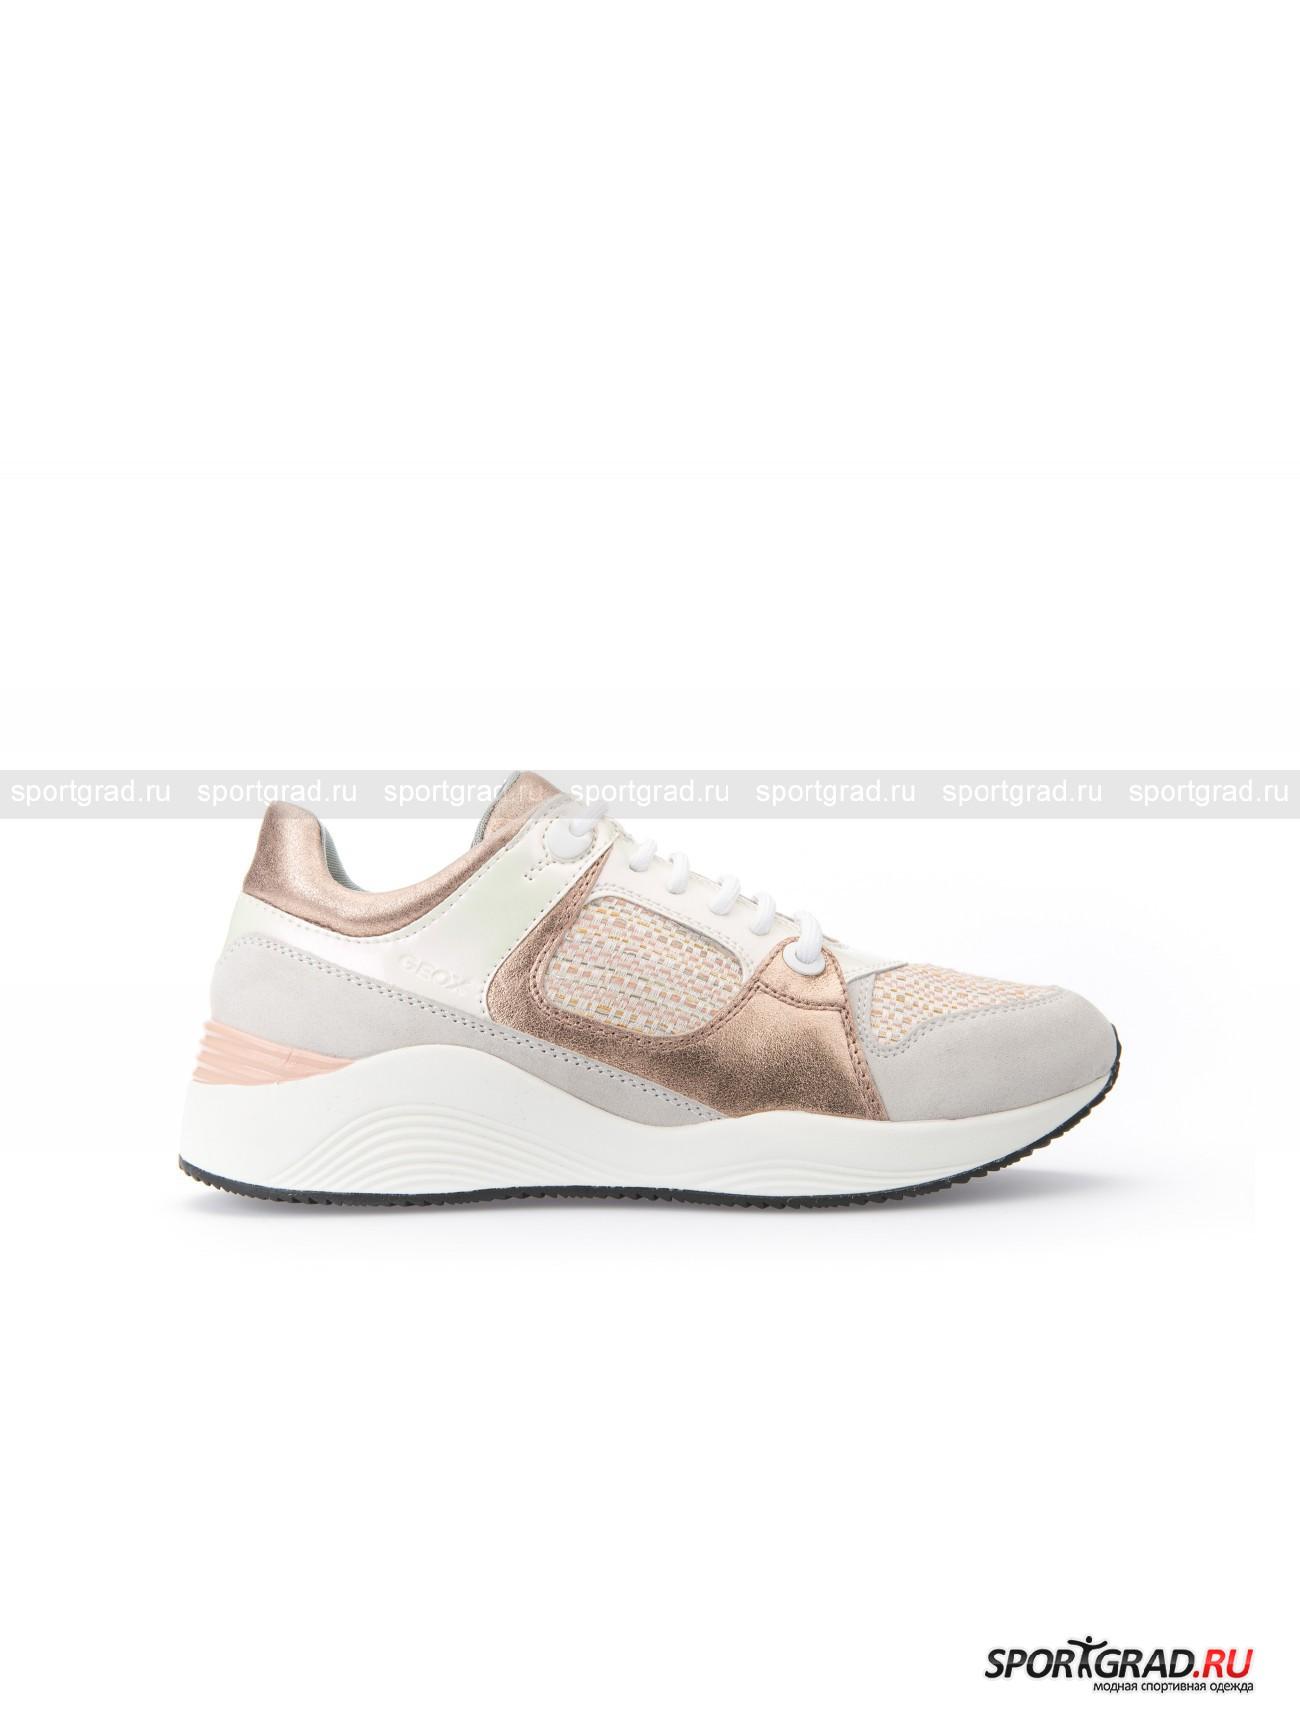 Кроссовки женские Omaya GEOXКроссовки<br>Кроссовки Omaya Geox, представленные на этой странице, относятся к линейке Vintage look. Обувь обрабатывается вручную, чтобы приобрести слегка потертый вид, очень модный уже несколько лет подряд. В итоге каждая пара выглядит совершенно уникальной, допускаются небольшие отличия в оттенке, то есть таких кроссовок точно больше не будет ни у кого.<br><br>Эта обувь обладает способностью прекрасно пропускать воздух, создавая максимальный уровень вентиляции стопы. Вследствие этого нога не потеет, а внутри кроссовок сохраняется постоянная температура и комфортный микроклимат.<br><br>Особенности модели:<br>- съемная амортизирующая стелька;<br>- протектор на пятке и носке;<br>- боковая поддержка стопы;<br>- супермягкий задник;<br>- текстильные вставки;<br>- рифленая подошва.<br><br>Пол: Женский<br>Возраст: Взрослый<br>Тип: Кроссовки<br>Рекомендации по уходу: Протирать сухой мягкой тканью.<br>Состав: Текстиль, кожа, замша.